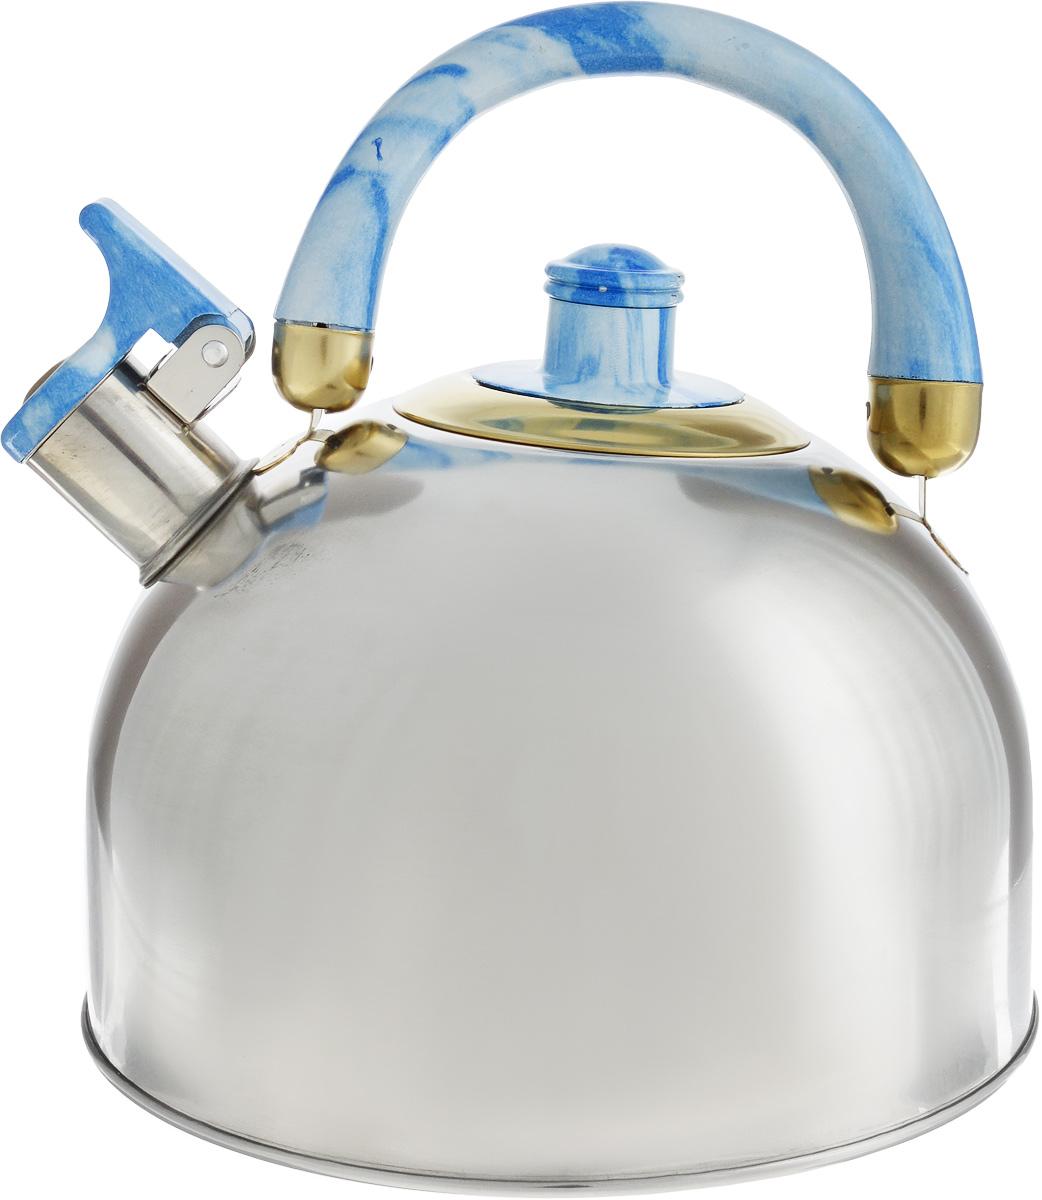 Чайник Bohmann, со свистком, 3,5 л54 009312Чайник Bohmann изготовлен из нержавеющей стали с зеркальной полировкой. Высококачественная сталь представляет собой материал, из которого в течение нескольких десятилетий во всем мире производятся столовые приборы, кухонные инструменты и различные аксессуары. Этот материал обладает высокой стойкостью к коррозии и кислотам. Прочность, долговечность и надежность этого материала, а также первоклассная обработка обеспечивают практически неограниченный запас прочности и неизменно привлекательный внешний вид. Чайник оснащен удобной ручкой из бакелита. Ручка не нагревается, что предотвращает появление ожогов и обеспечивает безопасность использования. Носик чайника имеет откидной свисток для определения кипения. Можно использовать на всех типах плит, кроме индукционных. Можно мыть в посудомоечной машине. Диаметр (по верхнему краю): 8,5 см.Высота чайника (без учета ручки): 12,5 см.Высота чайника (с учетом ручки): 21 см.Диаметр основания: 15 см.